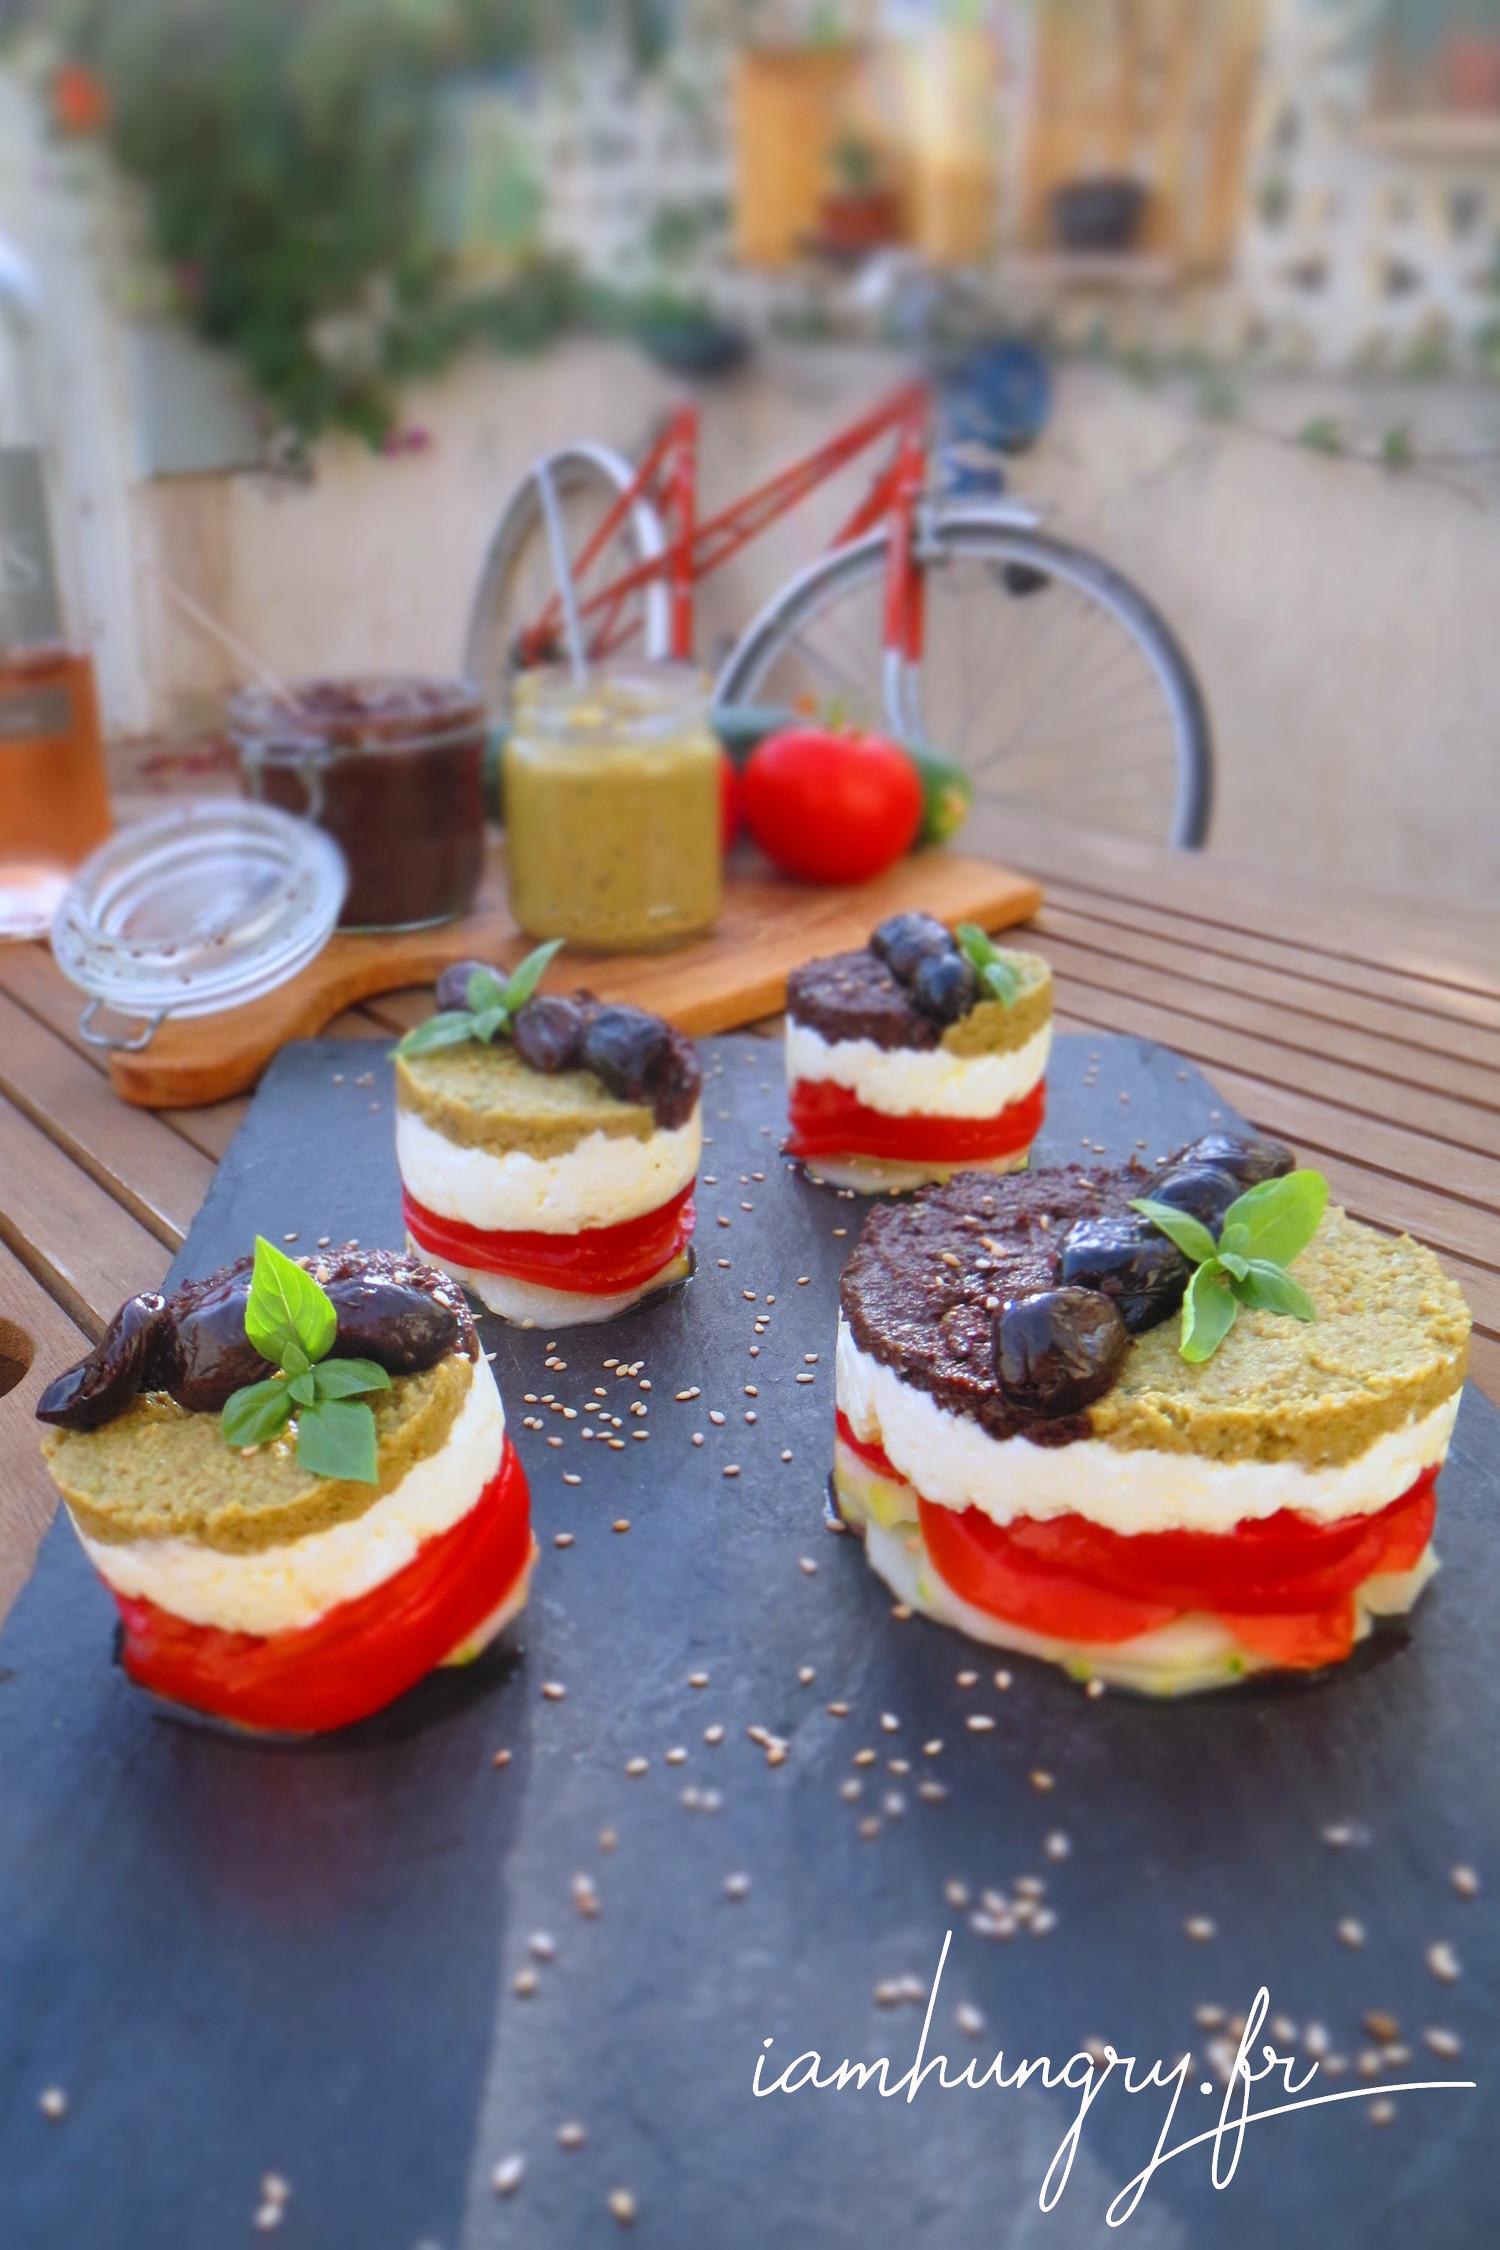 Salade grecque restructurée